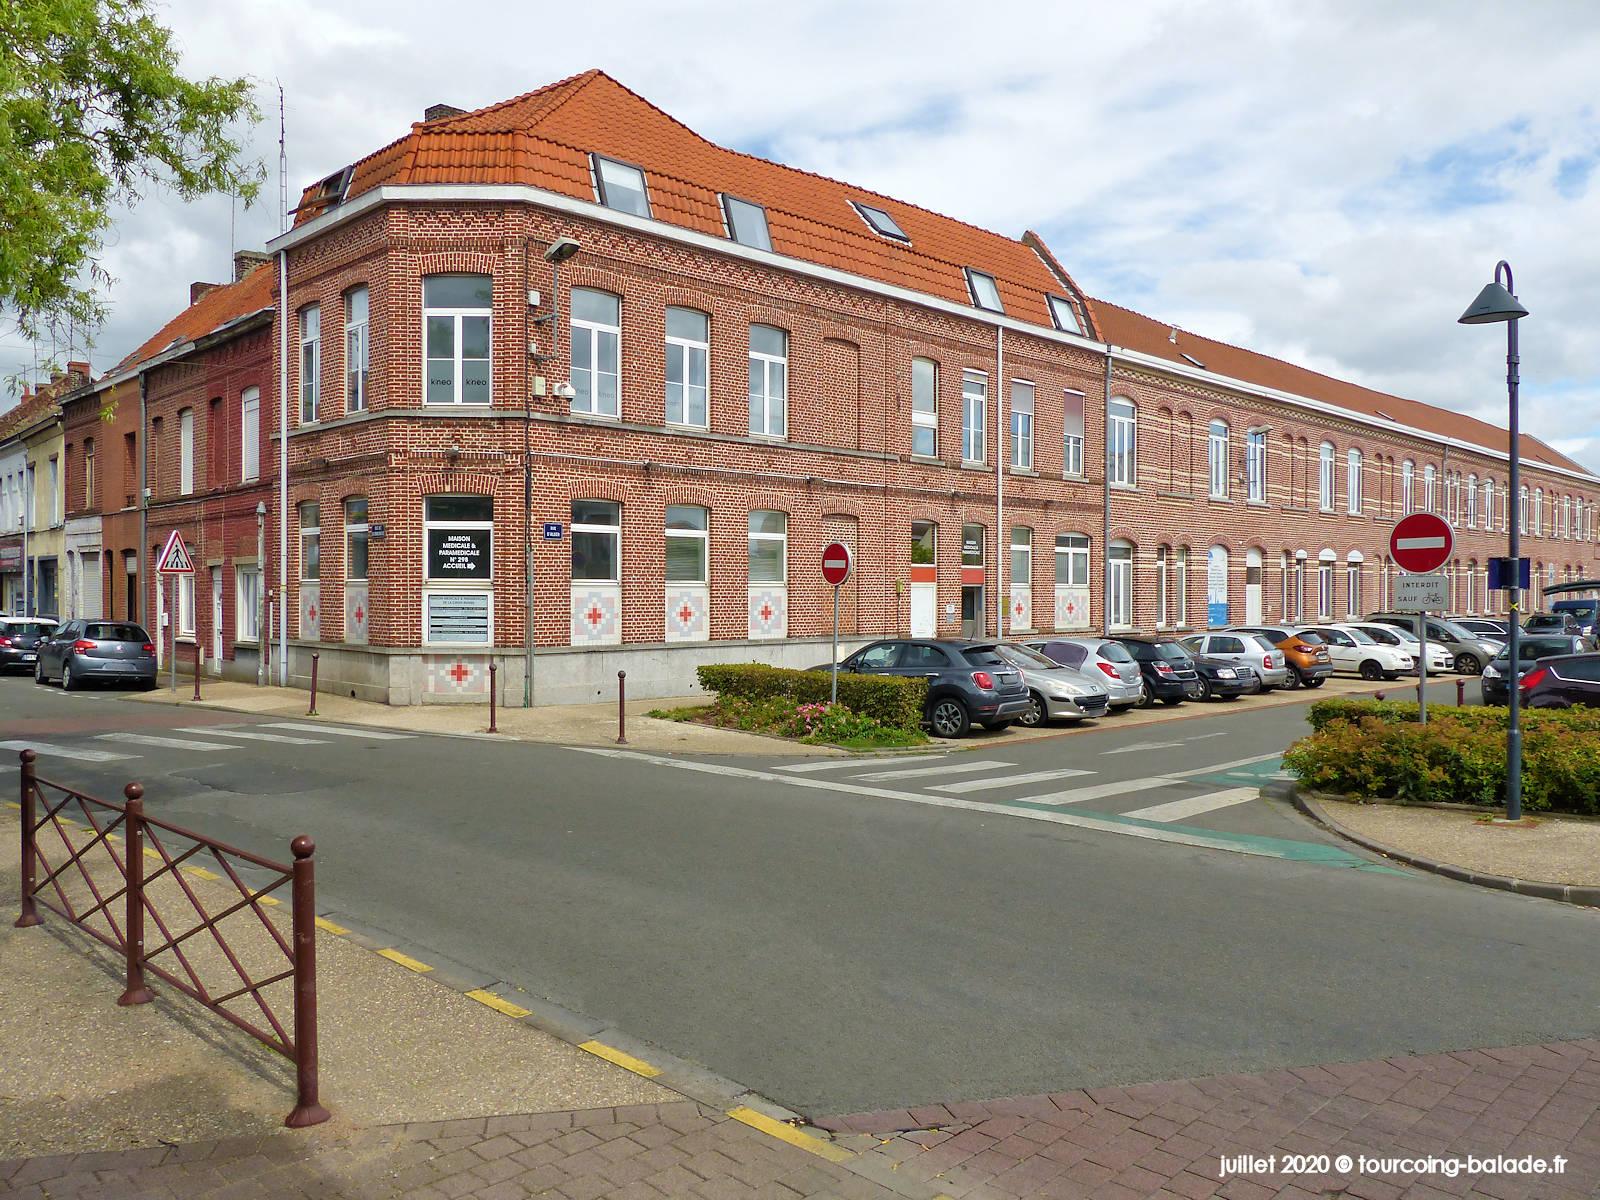 Maison Médicale et Paramédicale de la Croix-Rouge, Tourcoing 2020